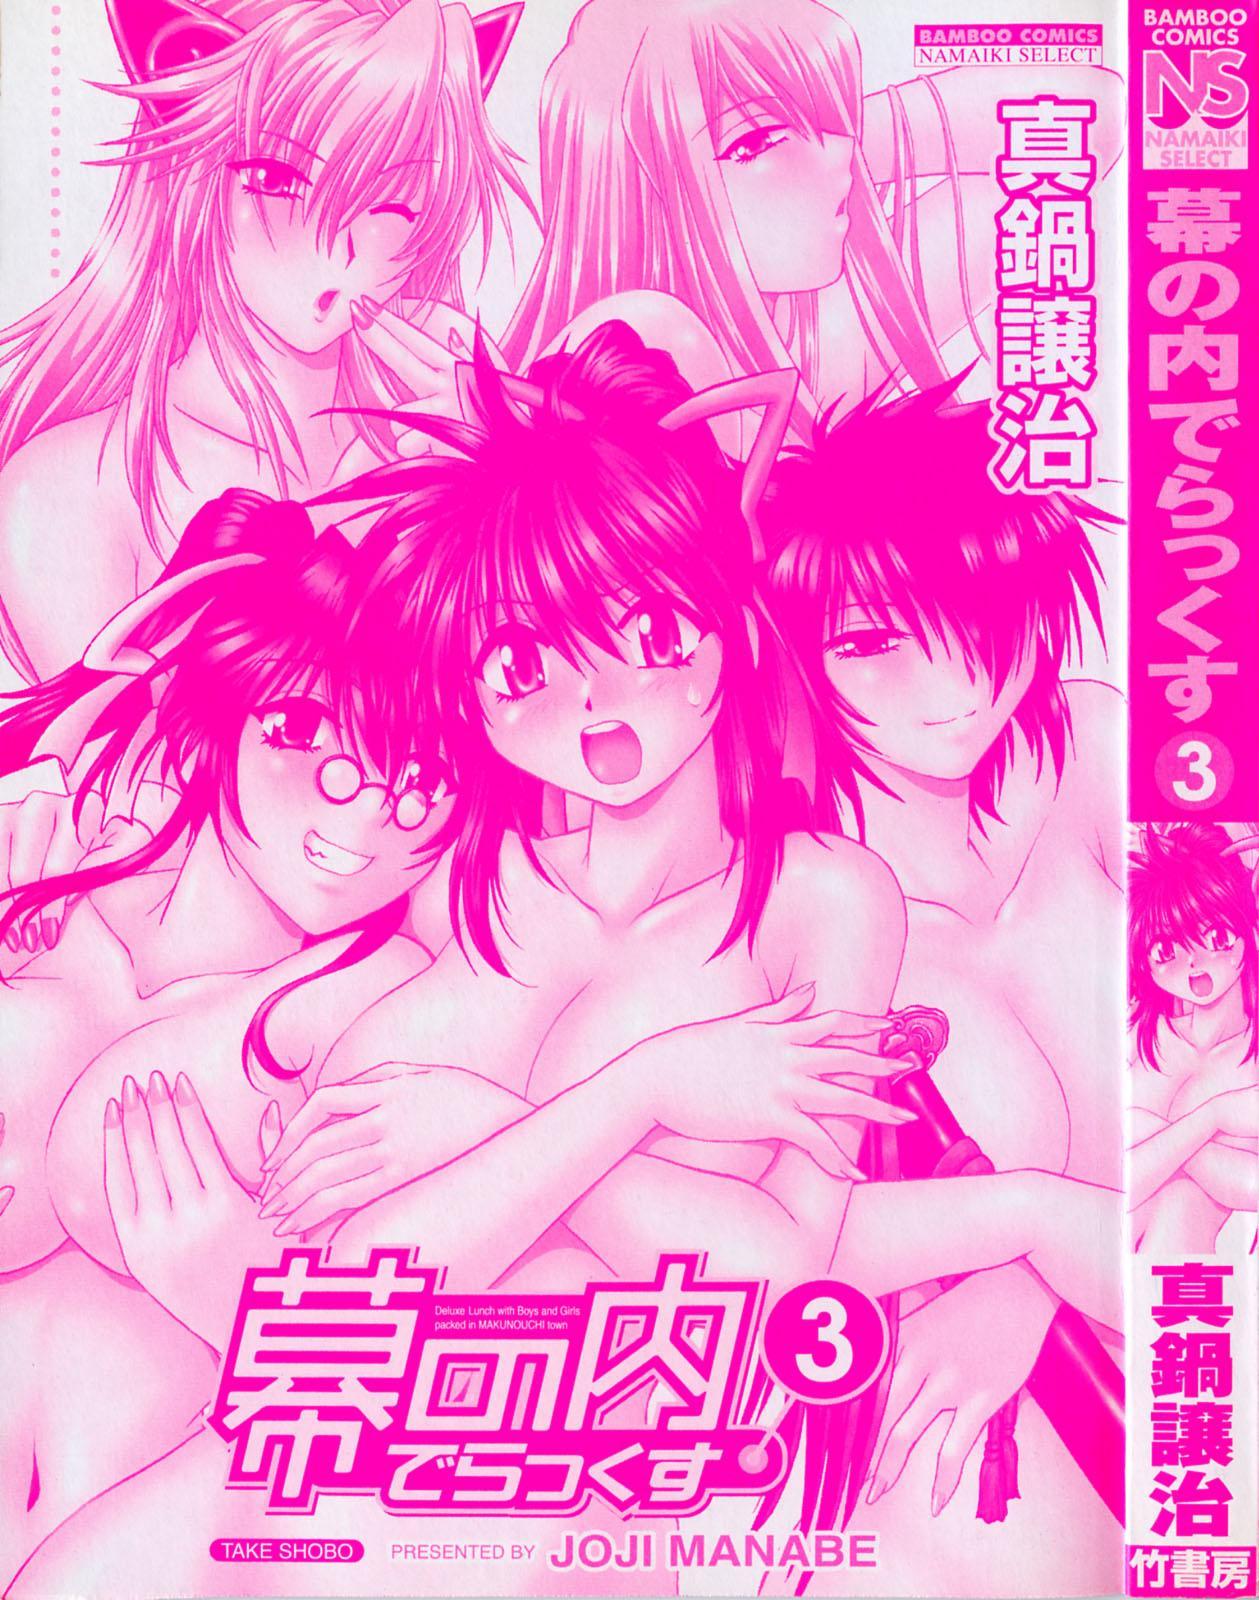 Makunouchi Deluxe 3 2